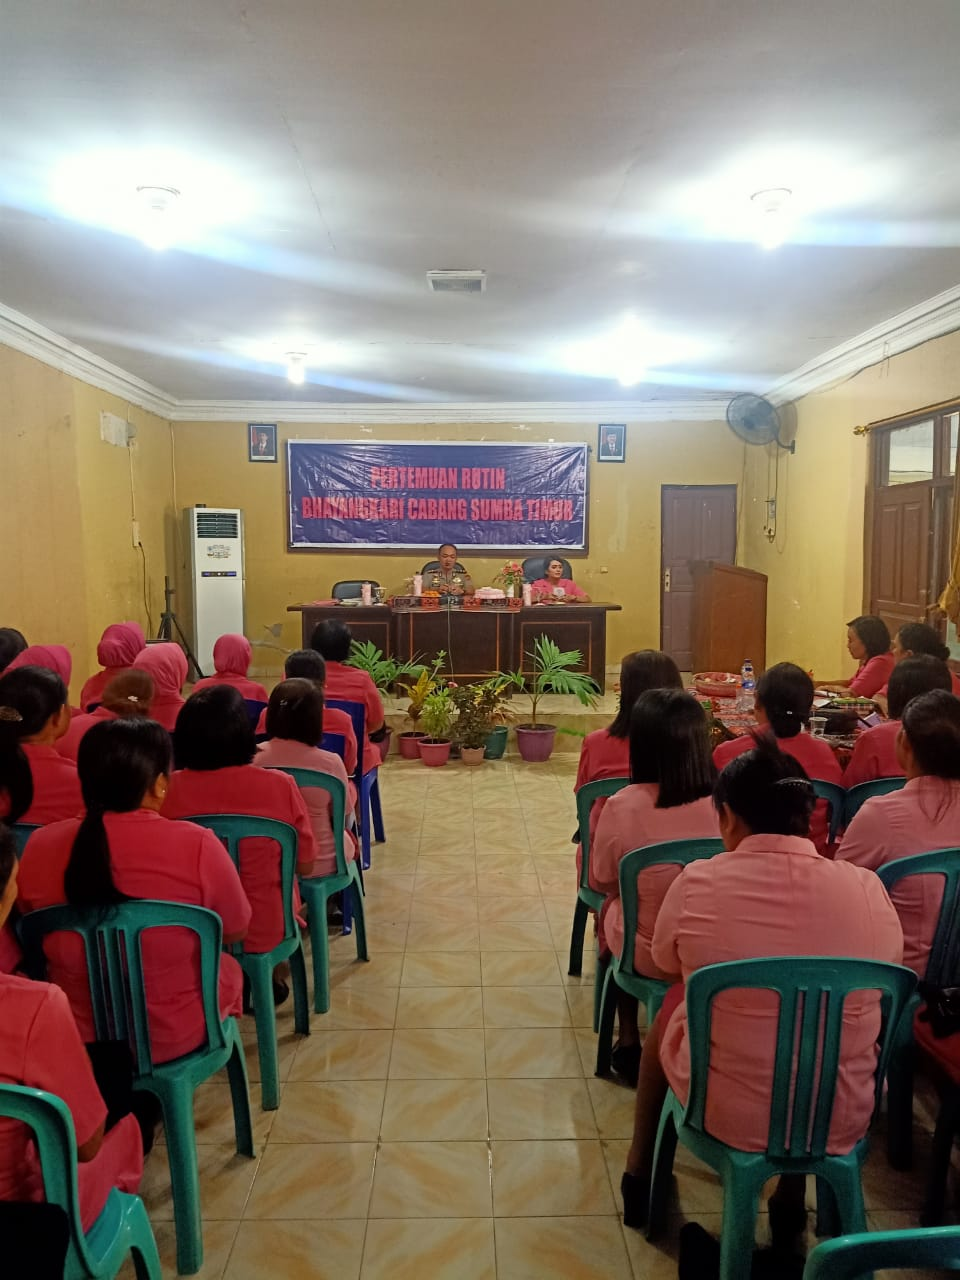 Pesan Kapolres Sumba Timur Kepada Bhayangakari : Jaga Harkat dan Martabat Suami